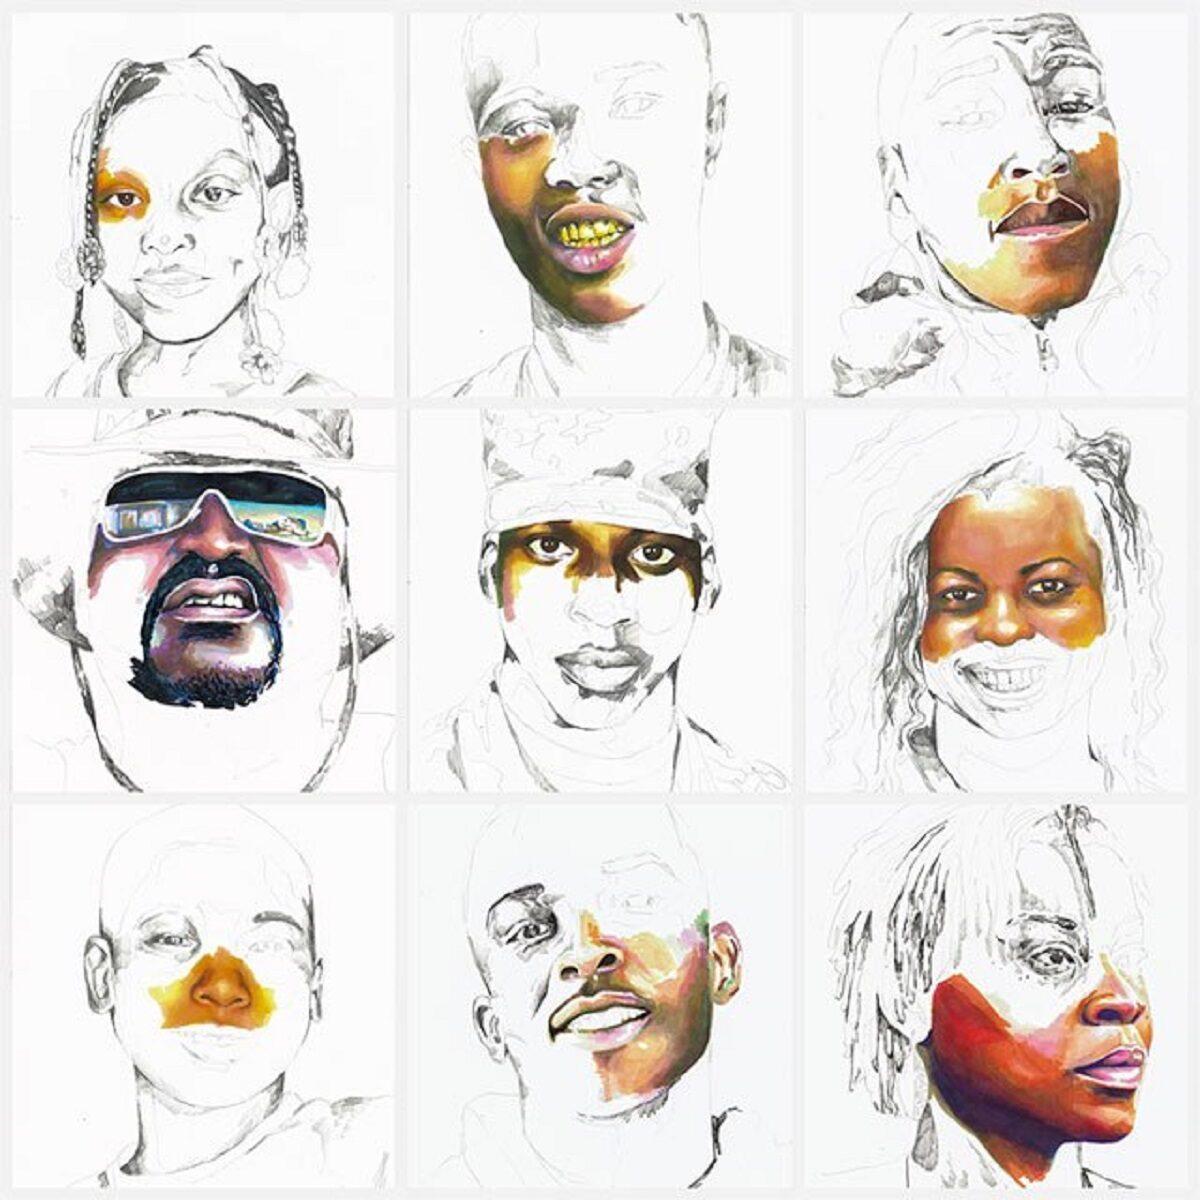 Stolen artista Adrian Brandon cria obra dedicada a negros mortos por policiais 11